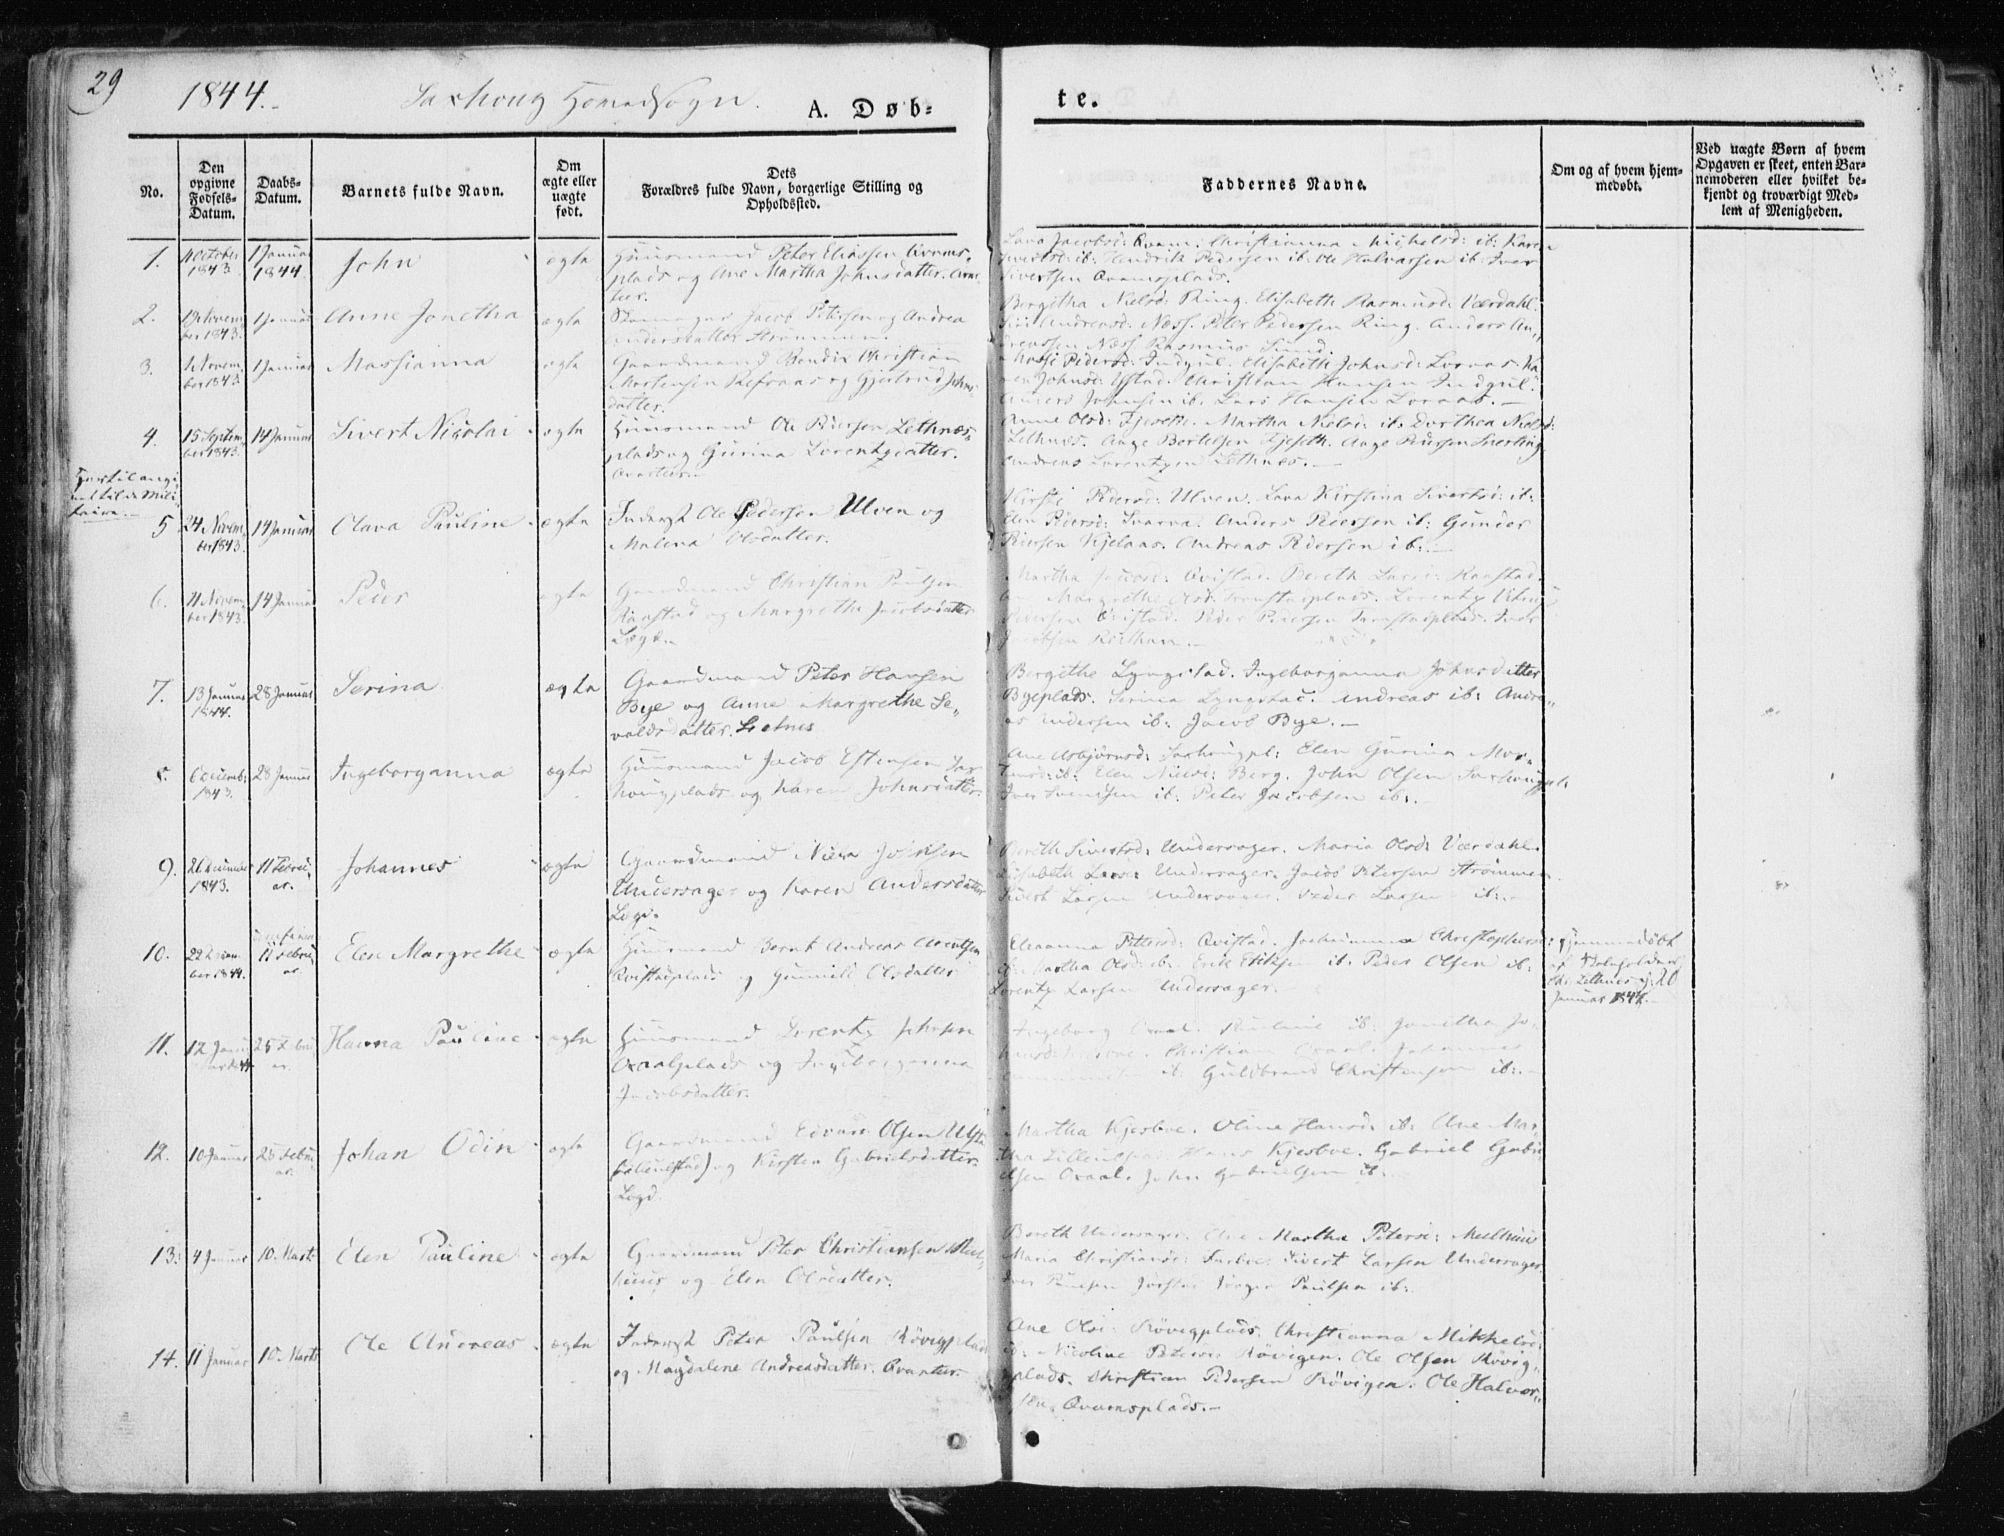 SAT, Ministerialprotokoller, klokkerbøker og fødselsregistre - Nord-Trøndelag, 730/L0280: Ministerialbok nr. 730A07 /1, 1840-1854, s. 29